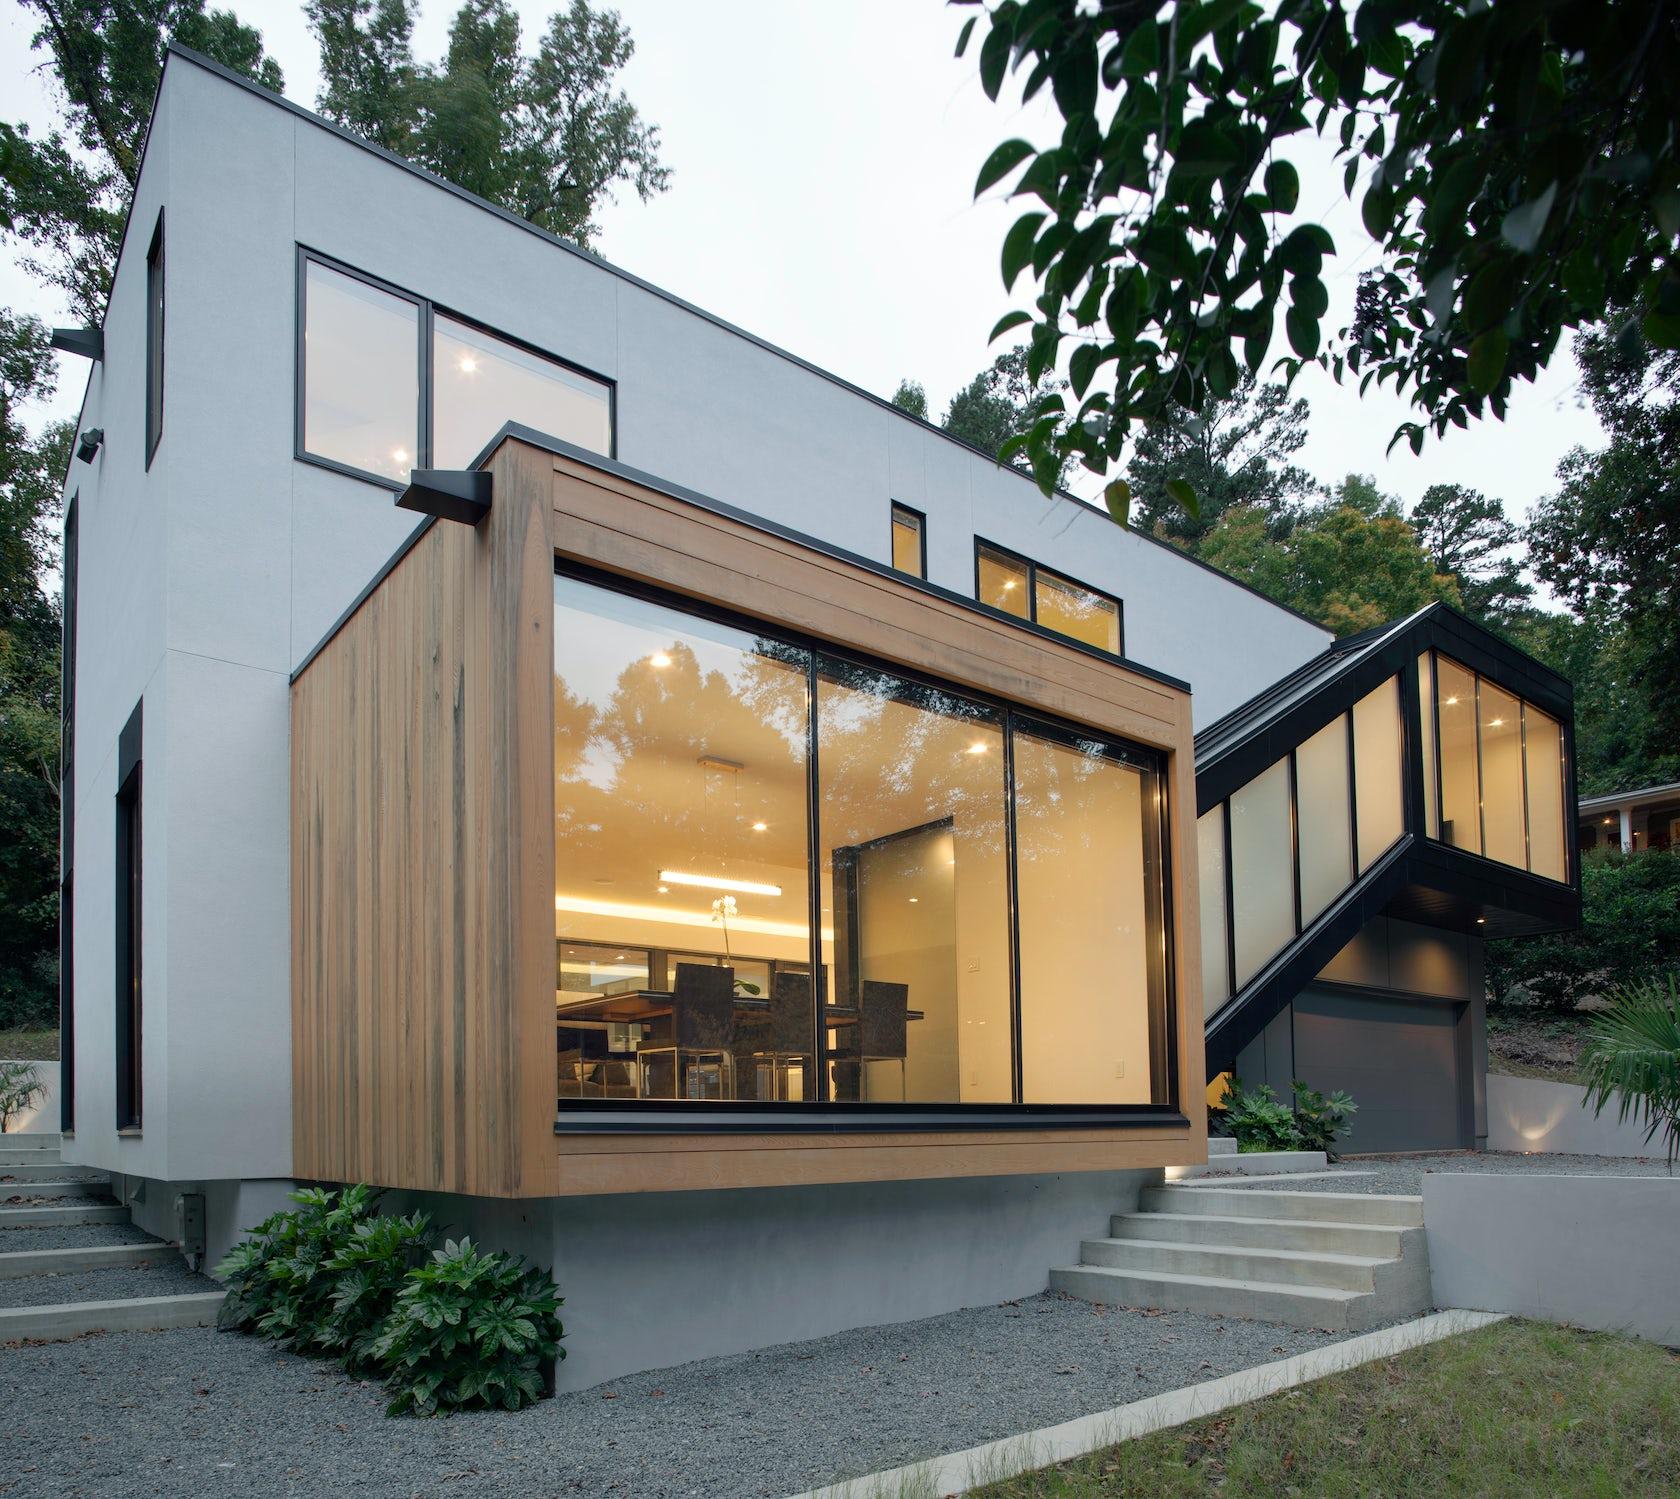 in situ studio architizer. Black Bedroom Furniture Sets. Home Design Ideas